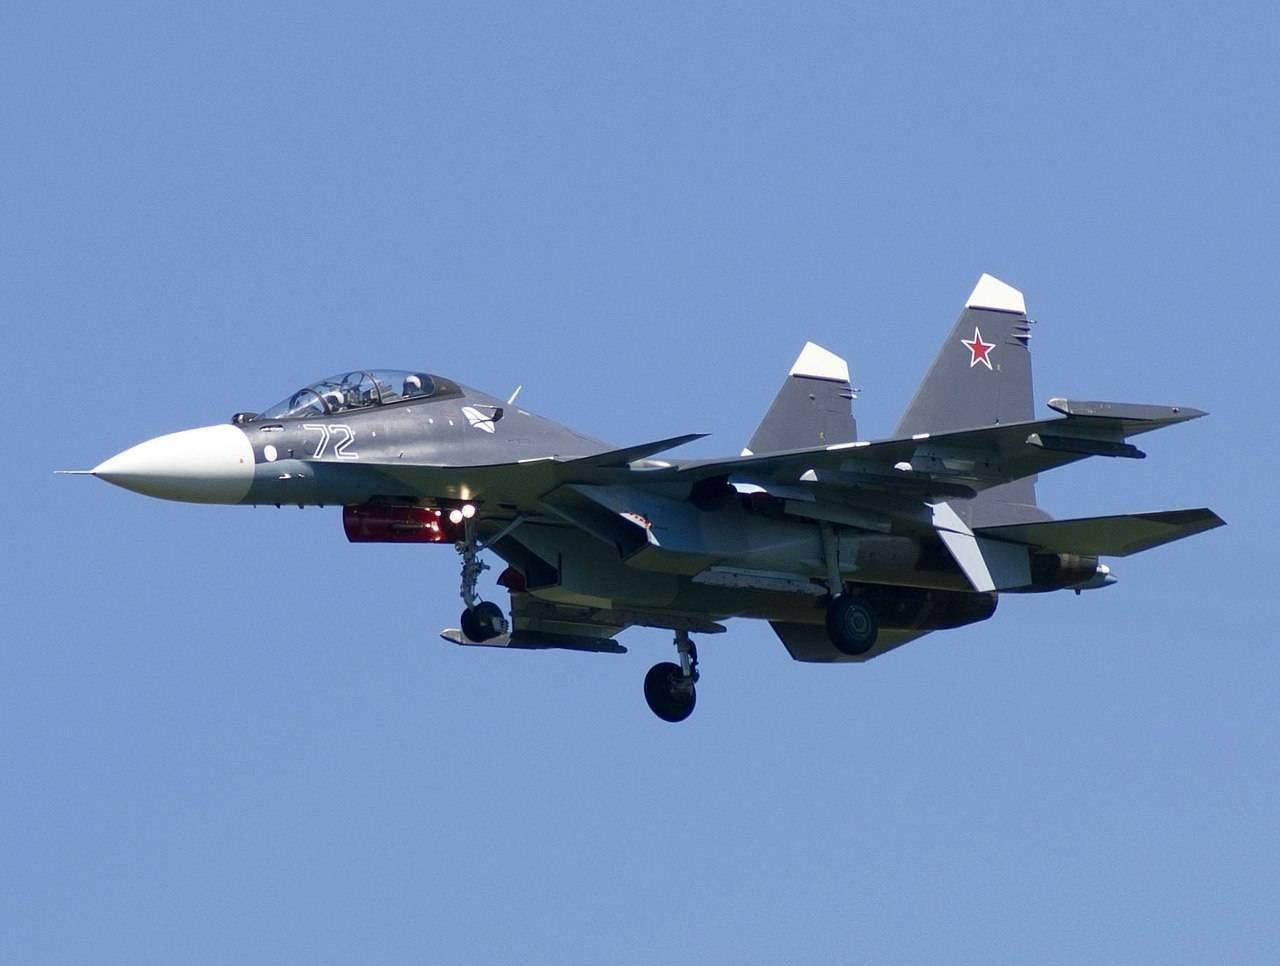 Два новейших истребителя СУ-30 СМприбыли наБалтийский флот